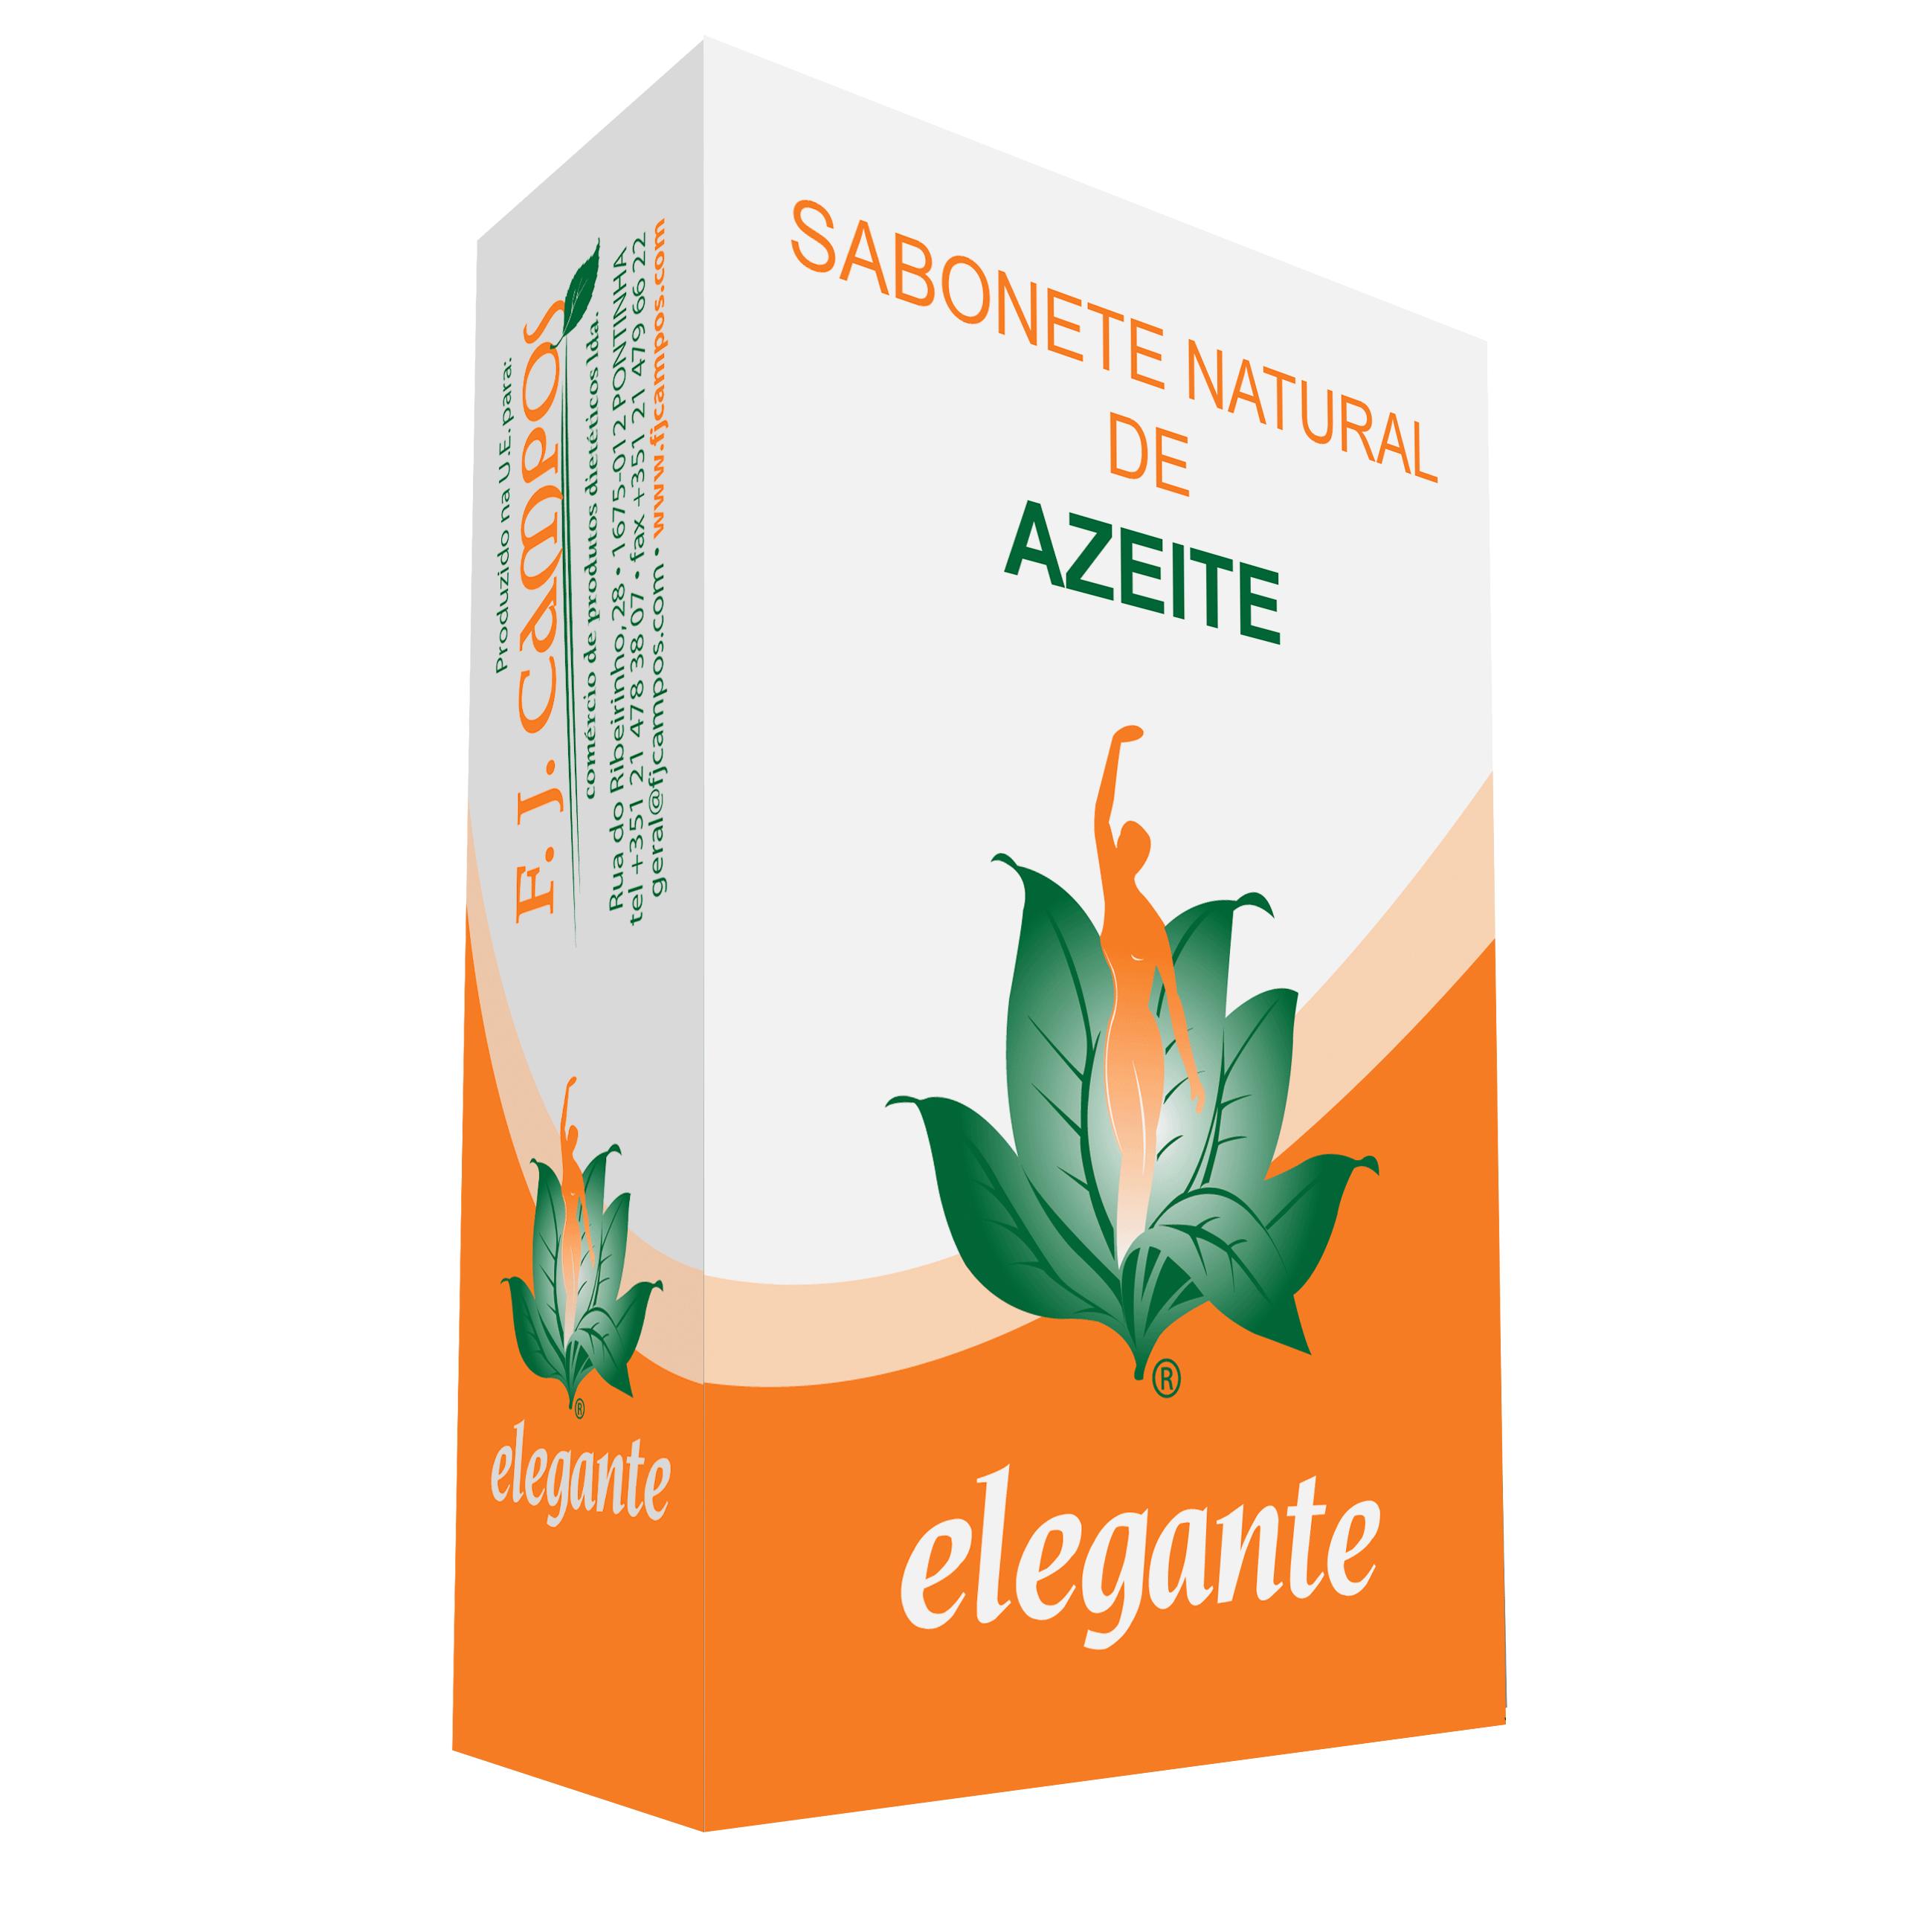 Sabonete Azeite